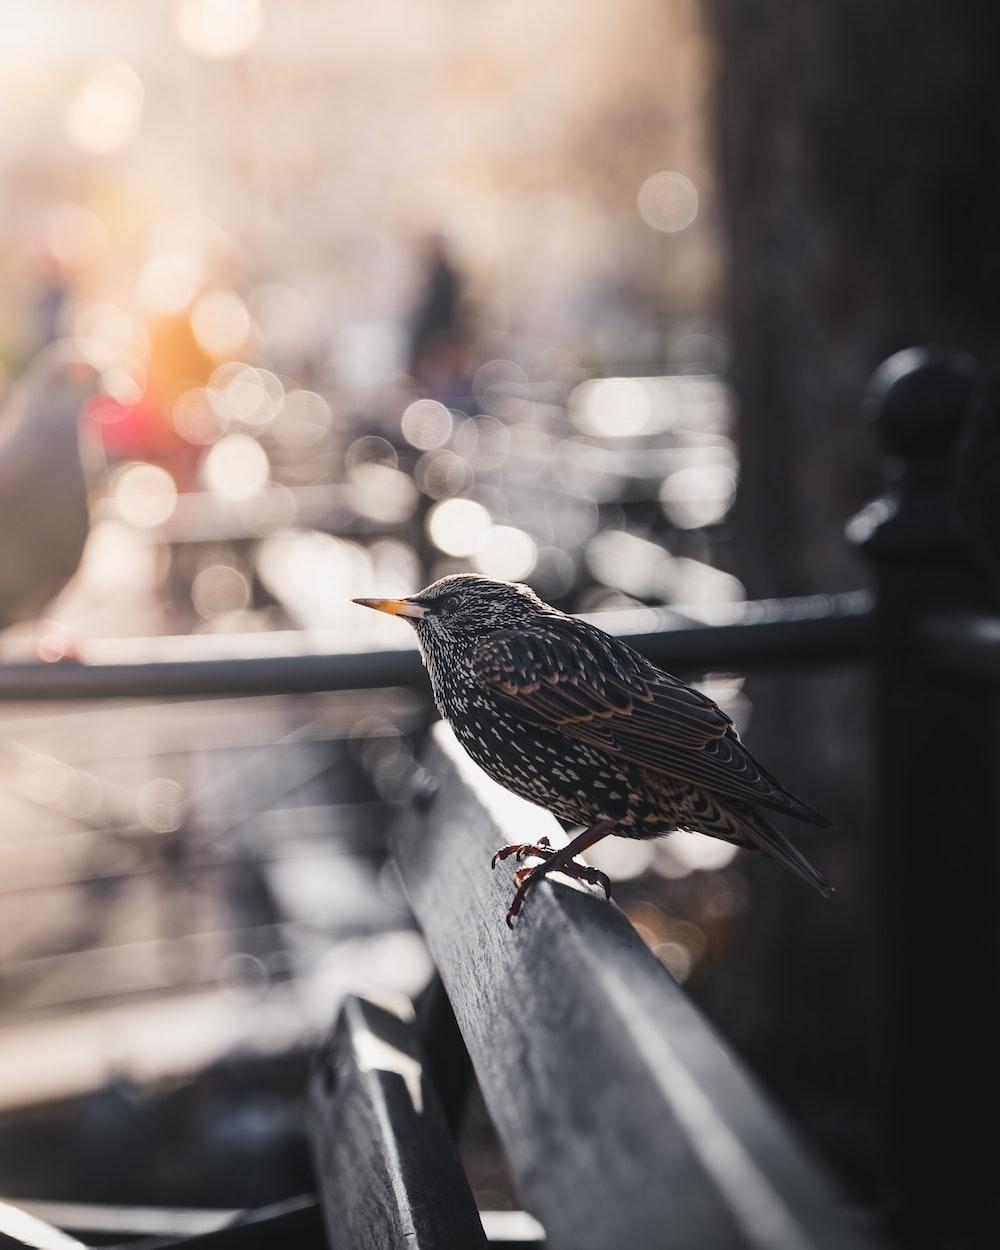 selective focus bokeh photography of gray bird on bench